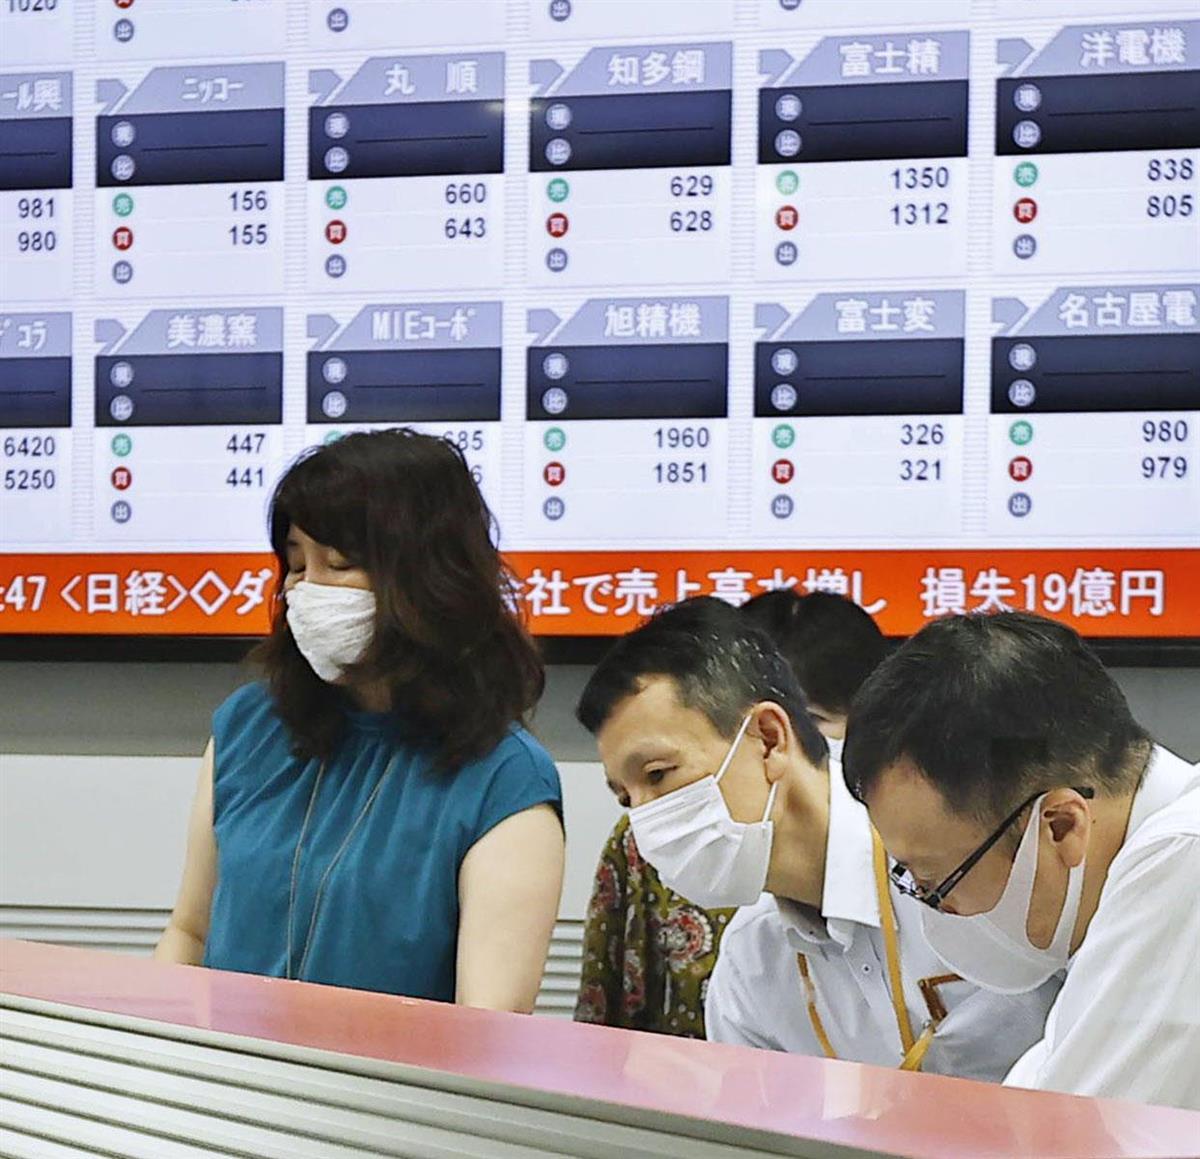 障害 所 東京 取引 証券 システム